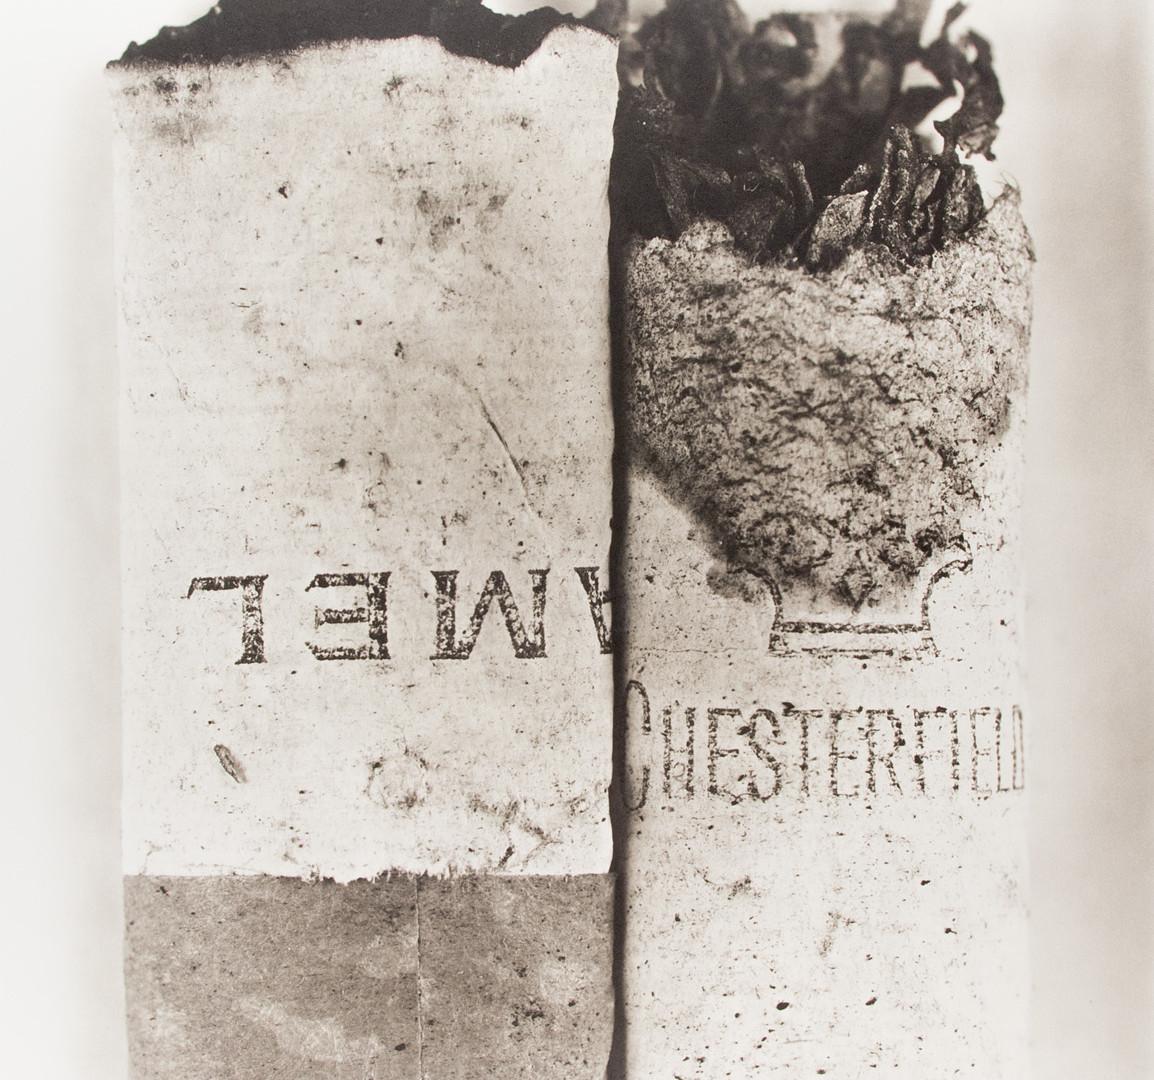 Irving Penn, Cigarette No. 37, New York, 1972